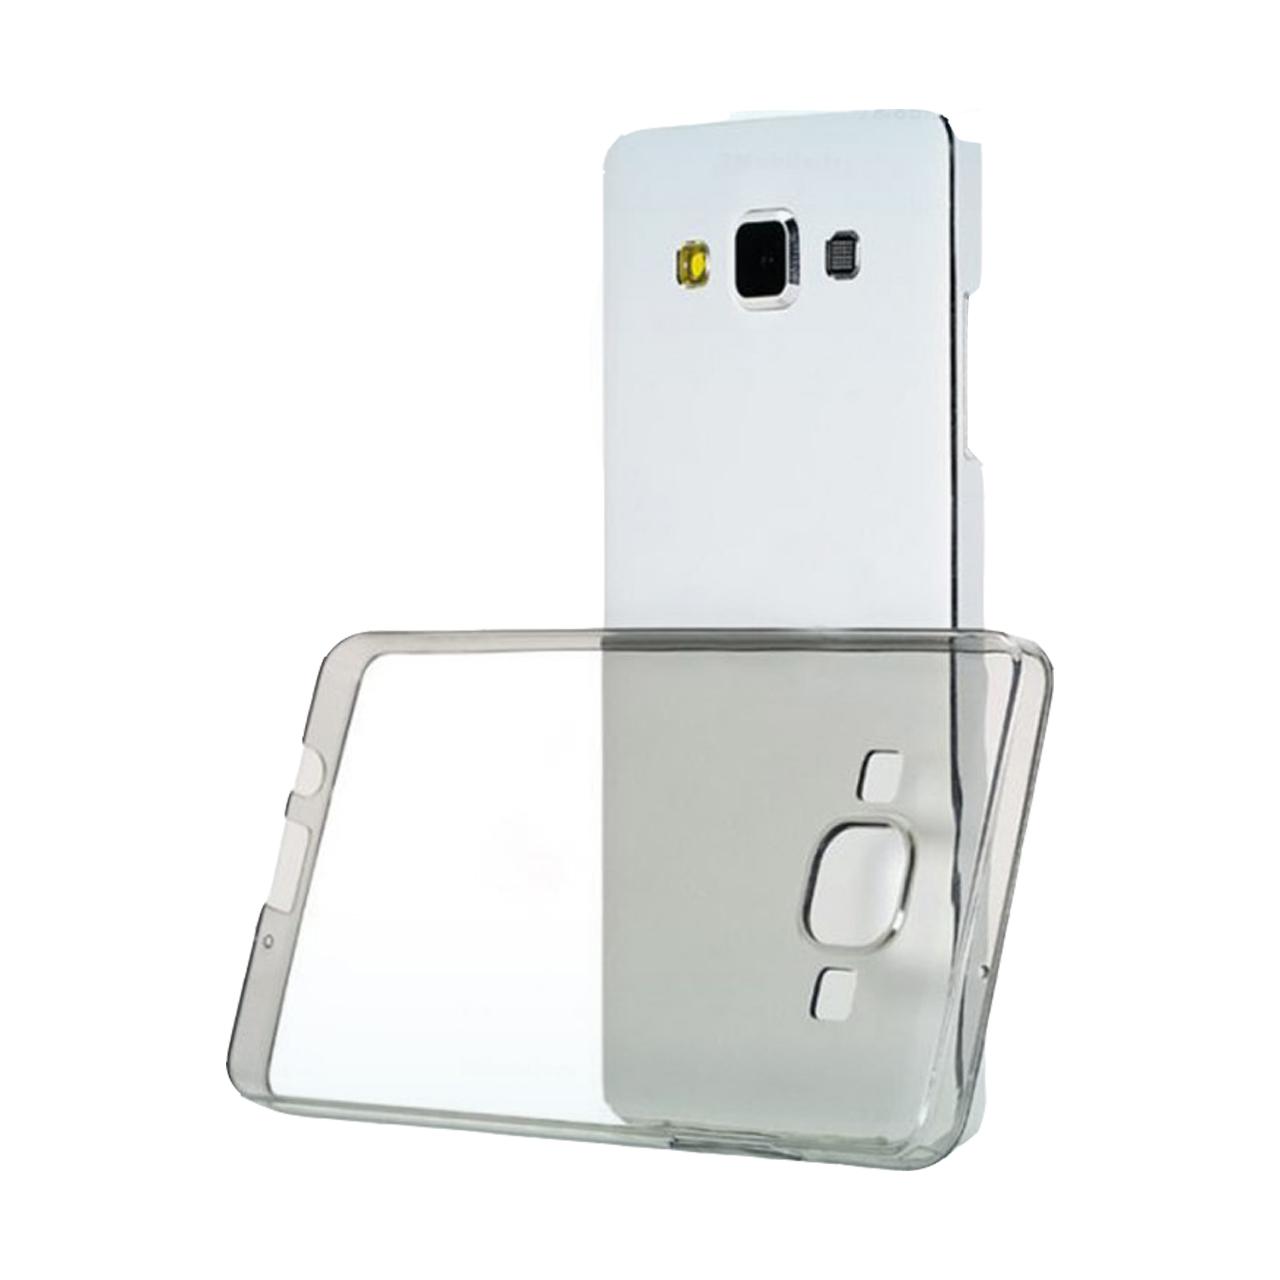 کاور گوشی موبایل سامسونگ مدل e5 مناسب برای گوشی موبایل سامسونگ Galaxy E5              ( قیمت و خرید)